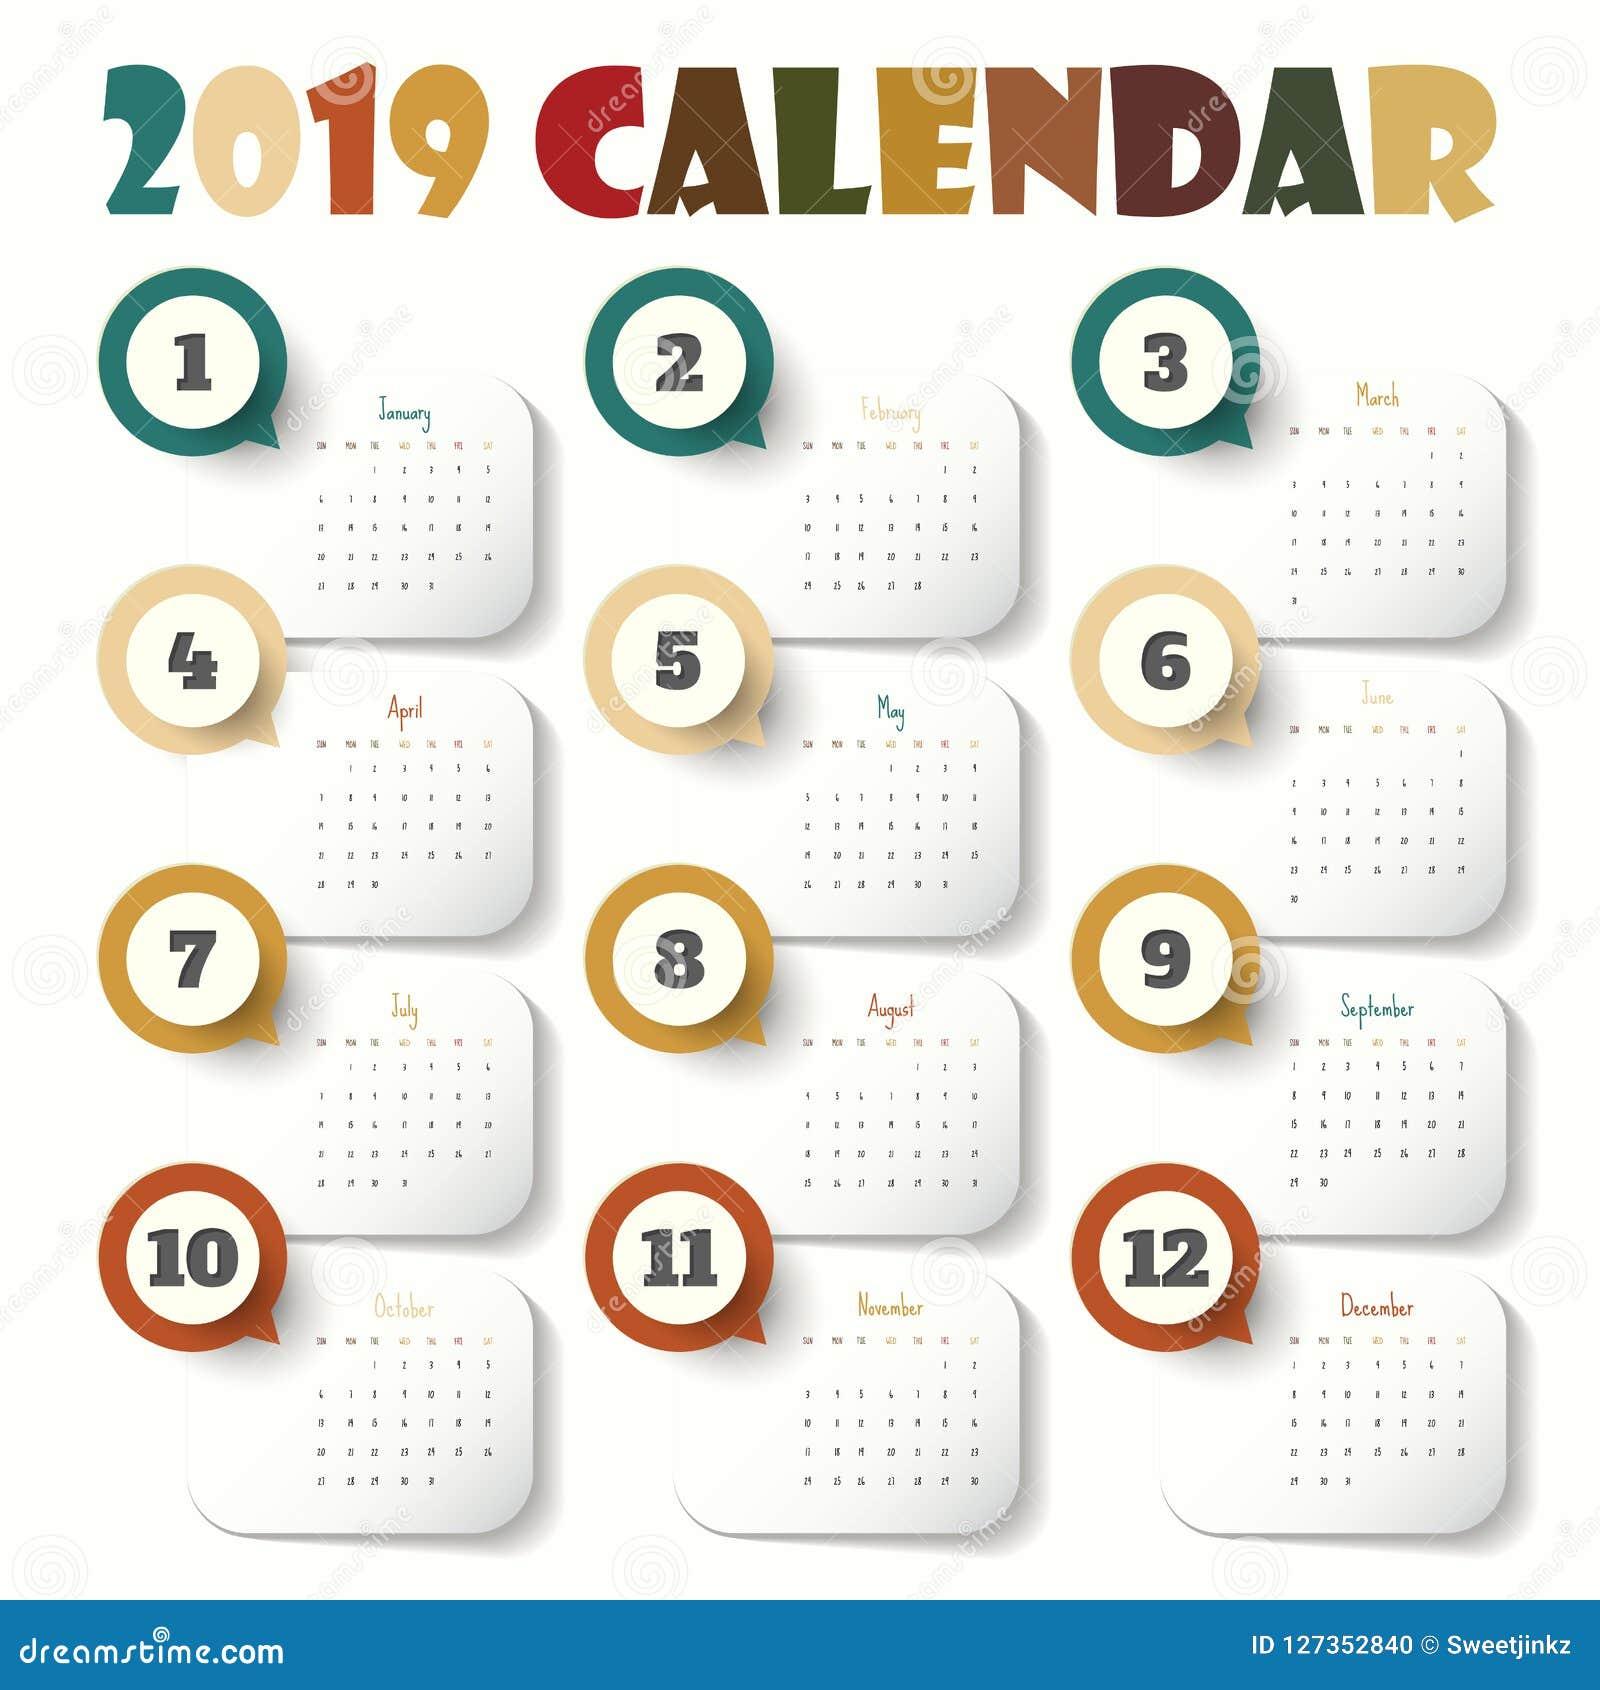 Calendario 2019 Moderno.Modello Moderno Del Calendario 2019 Vettore Illustrazione